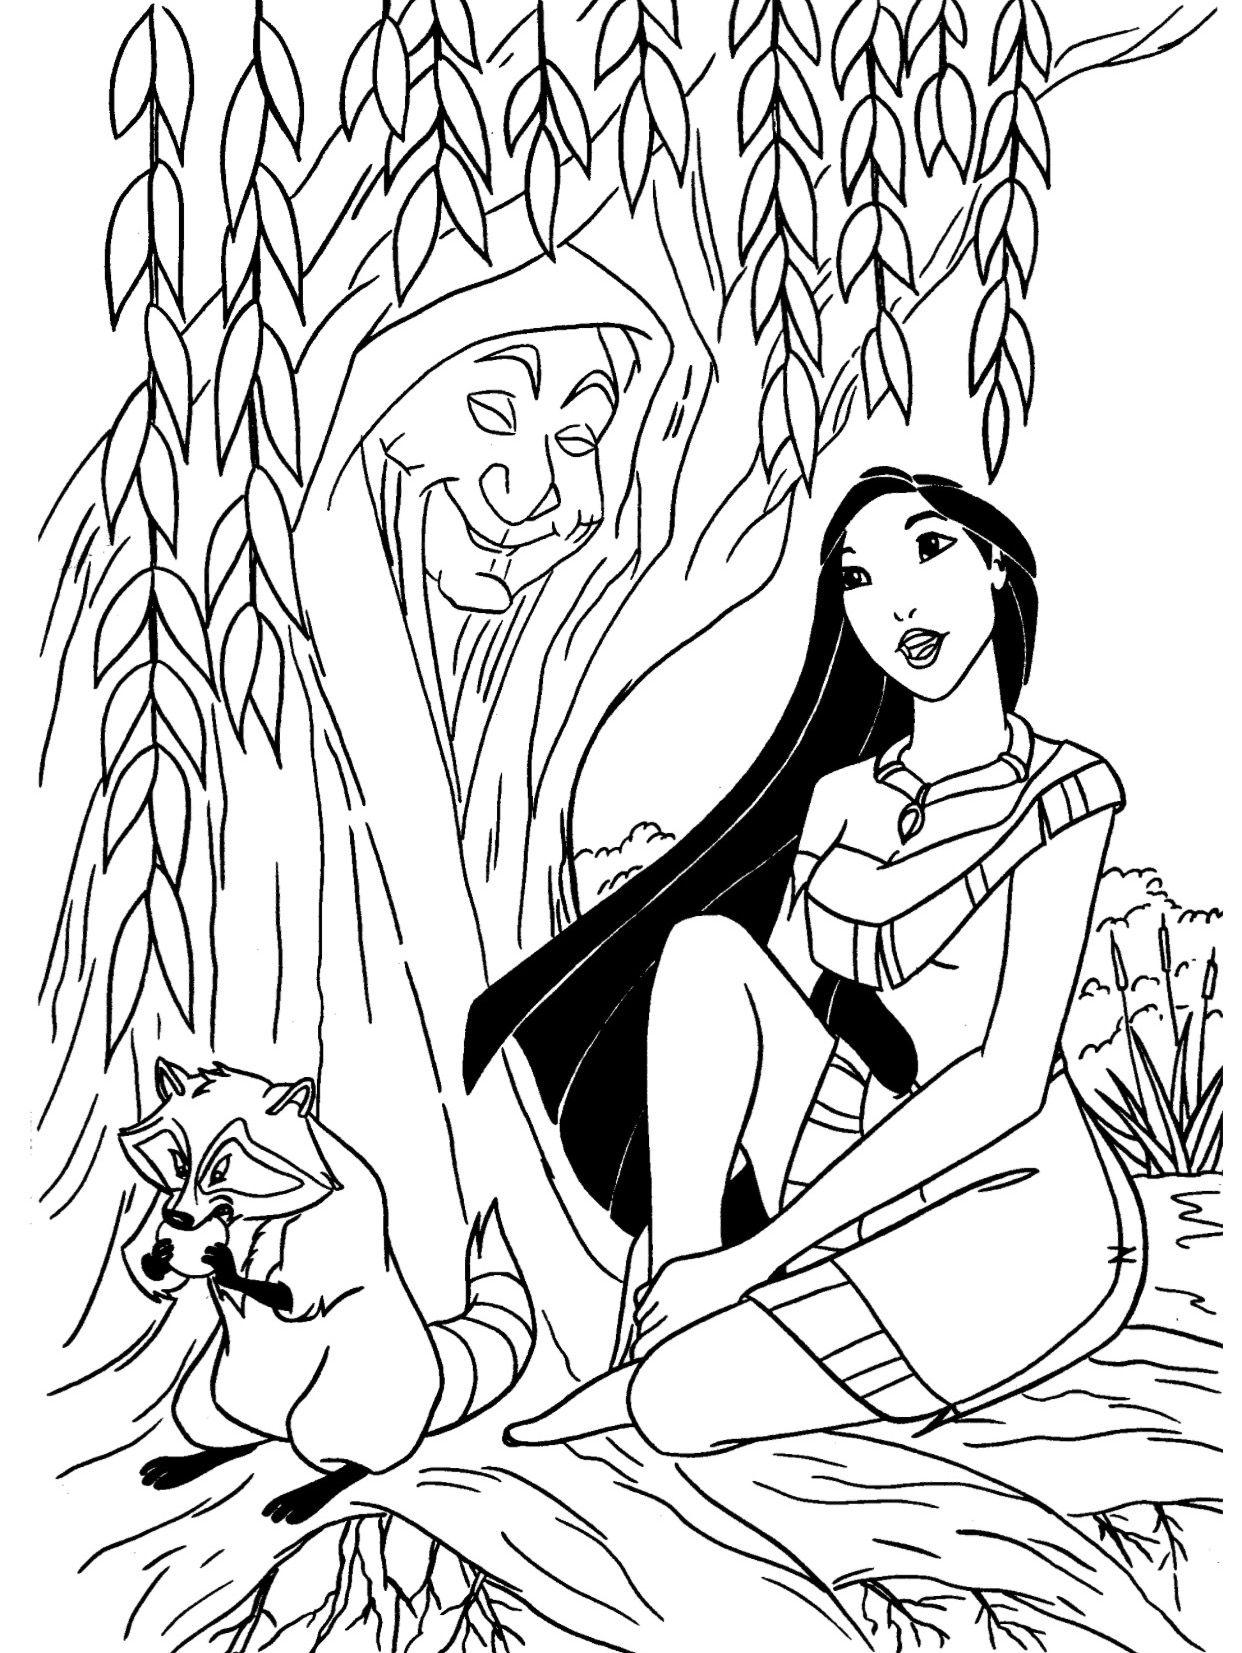 Lo Mejor De Dibujos Para Colorear Disney Para Imprimir Rapunzel ...